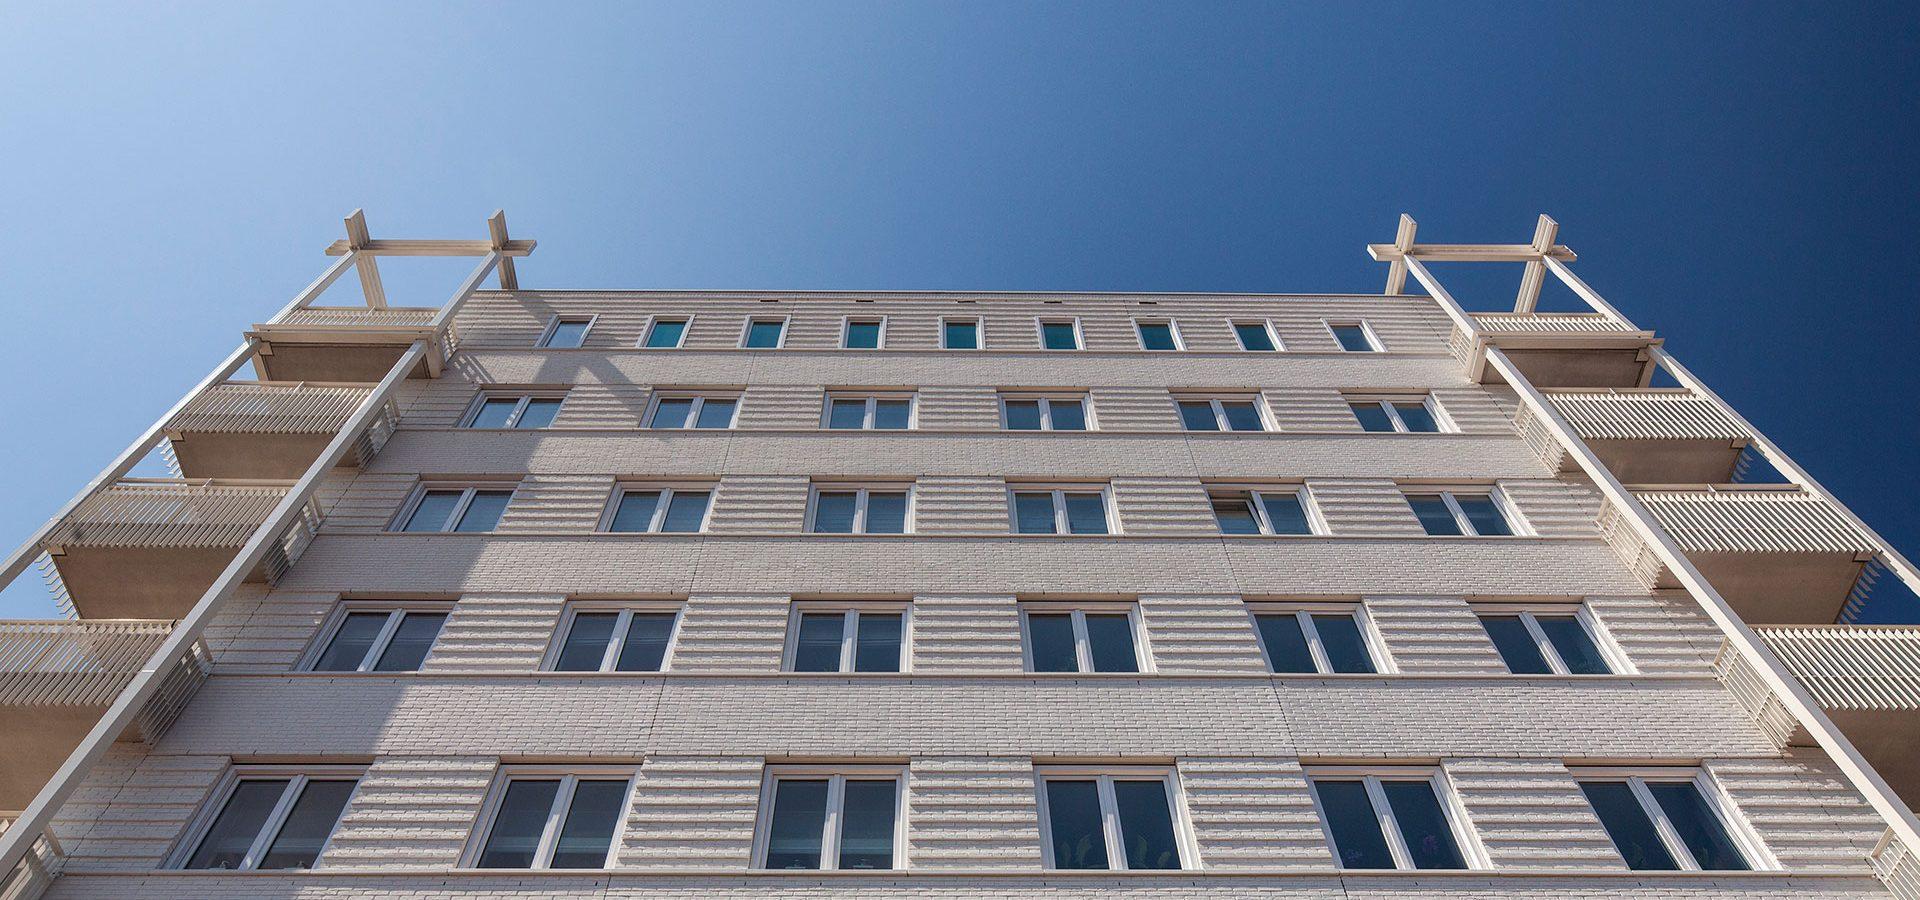 FARO architecten Binnenhaven blok 4 en 5 IJmuiden 06